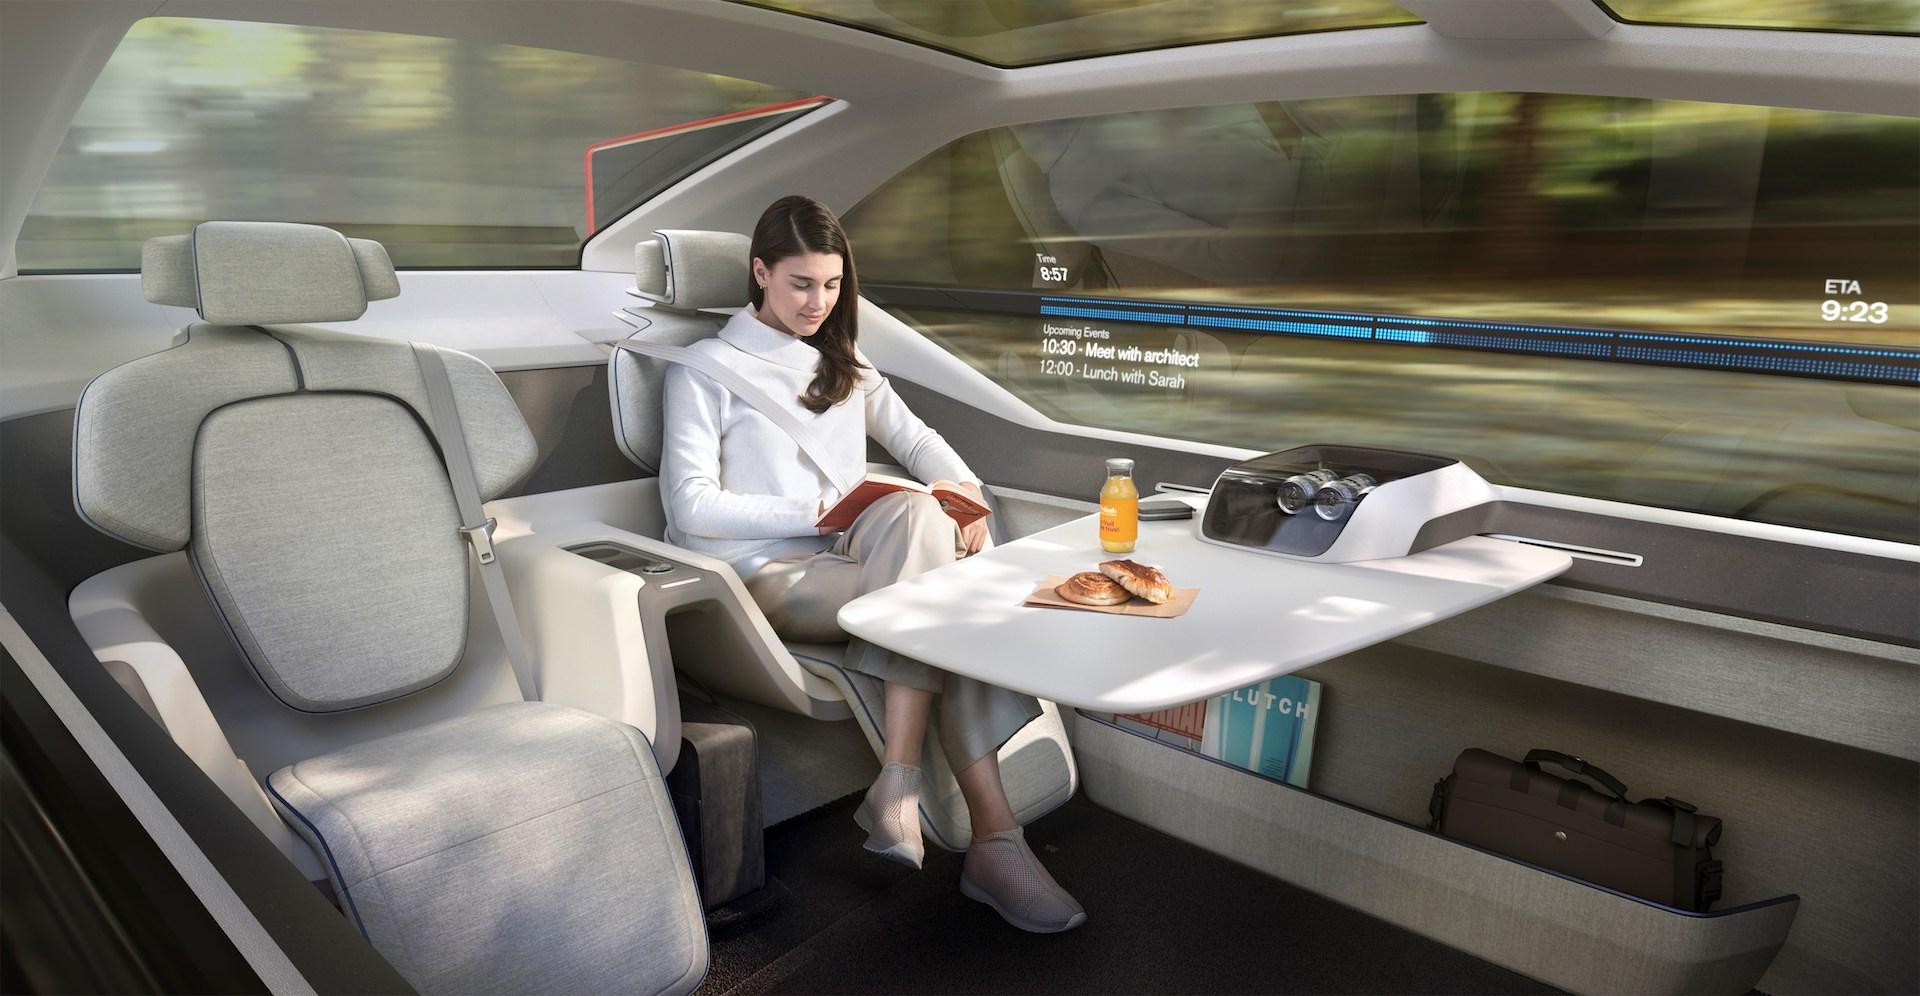 Interiér konceptu Volvo 360c nabízí různá využití